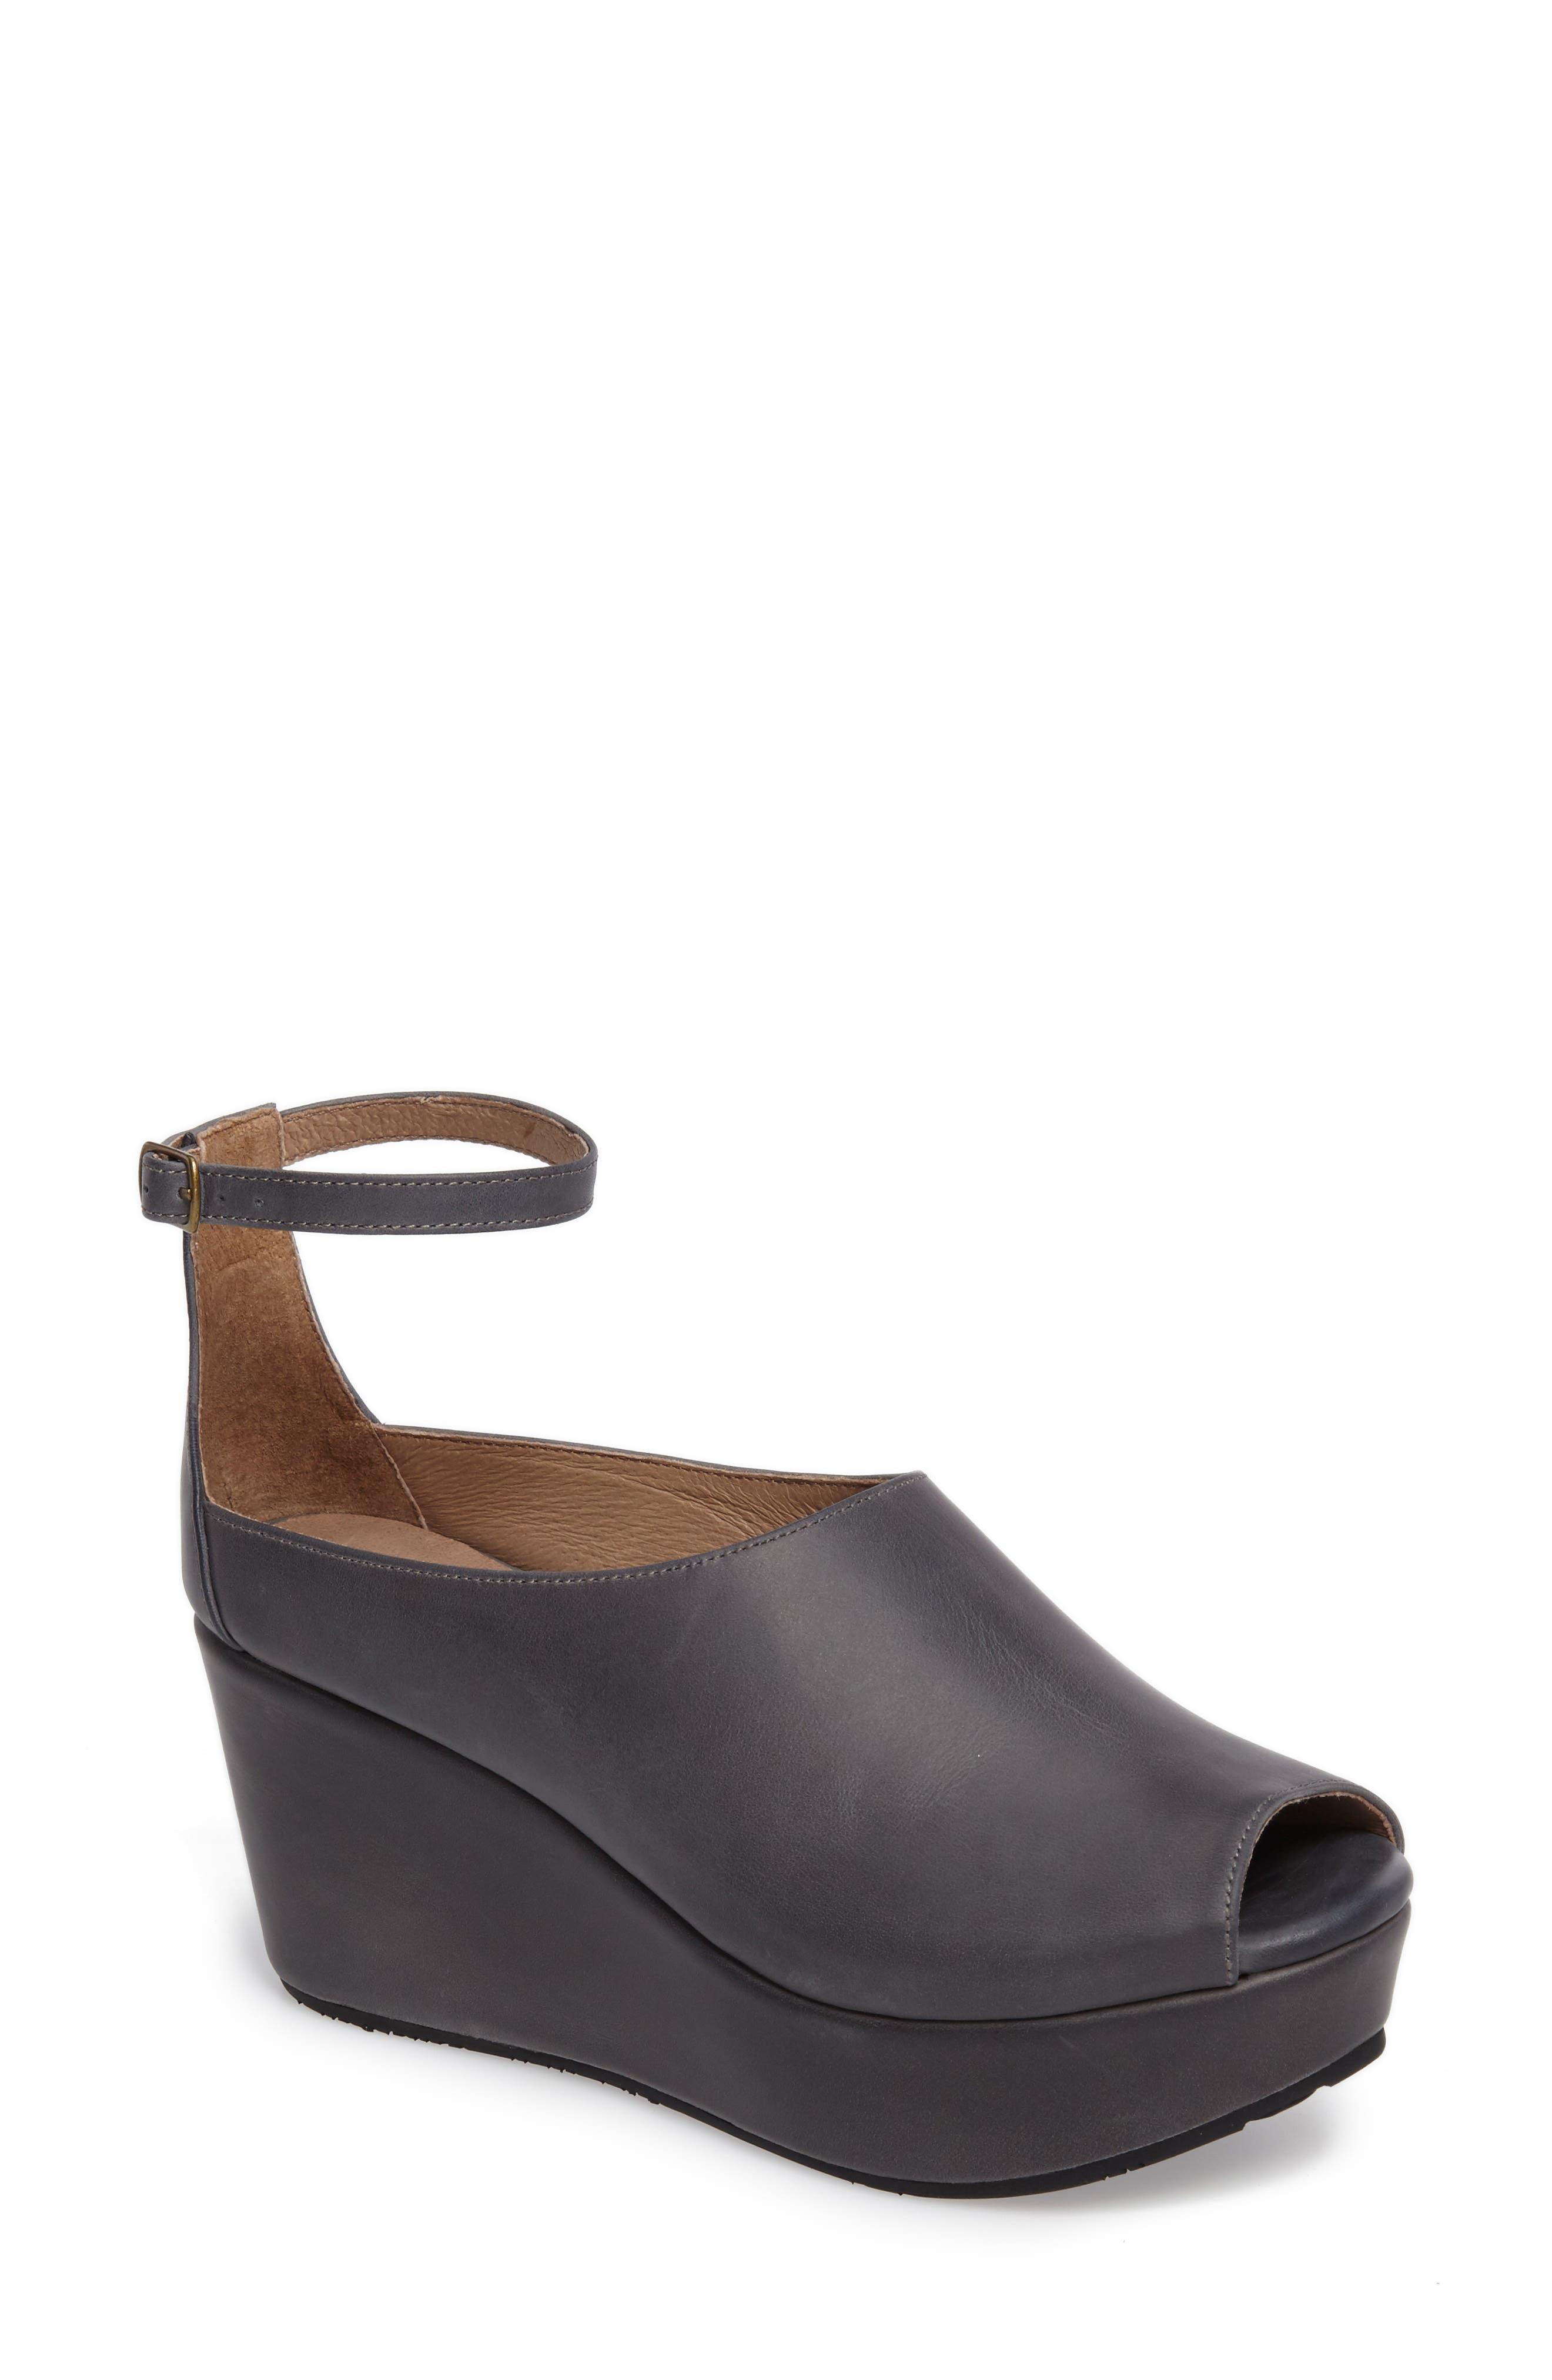 Main Image - Chocolat Blu Walter Ankle Strap Wedge Sandal (Women)